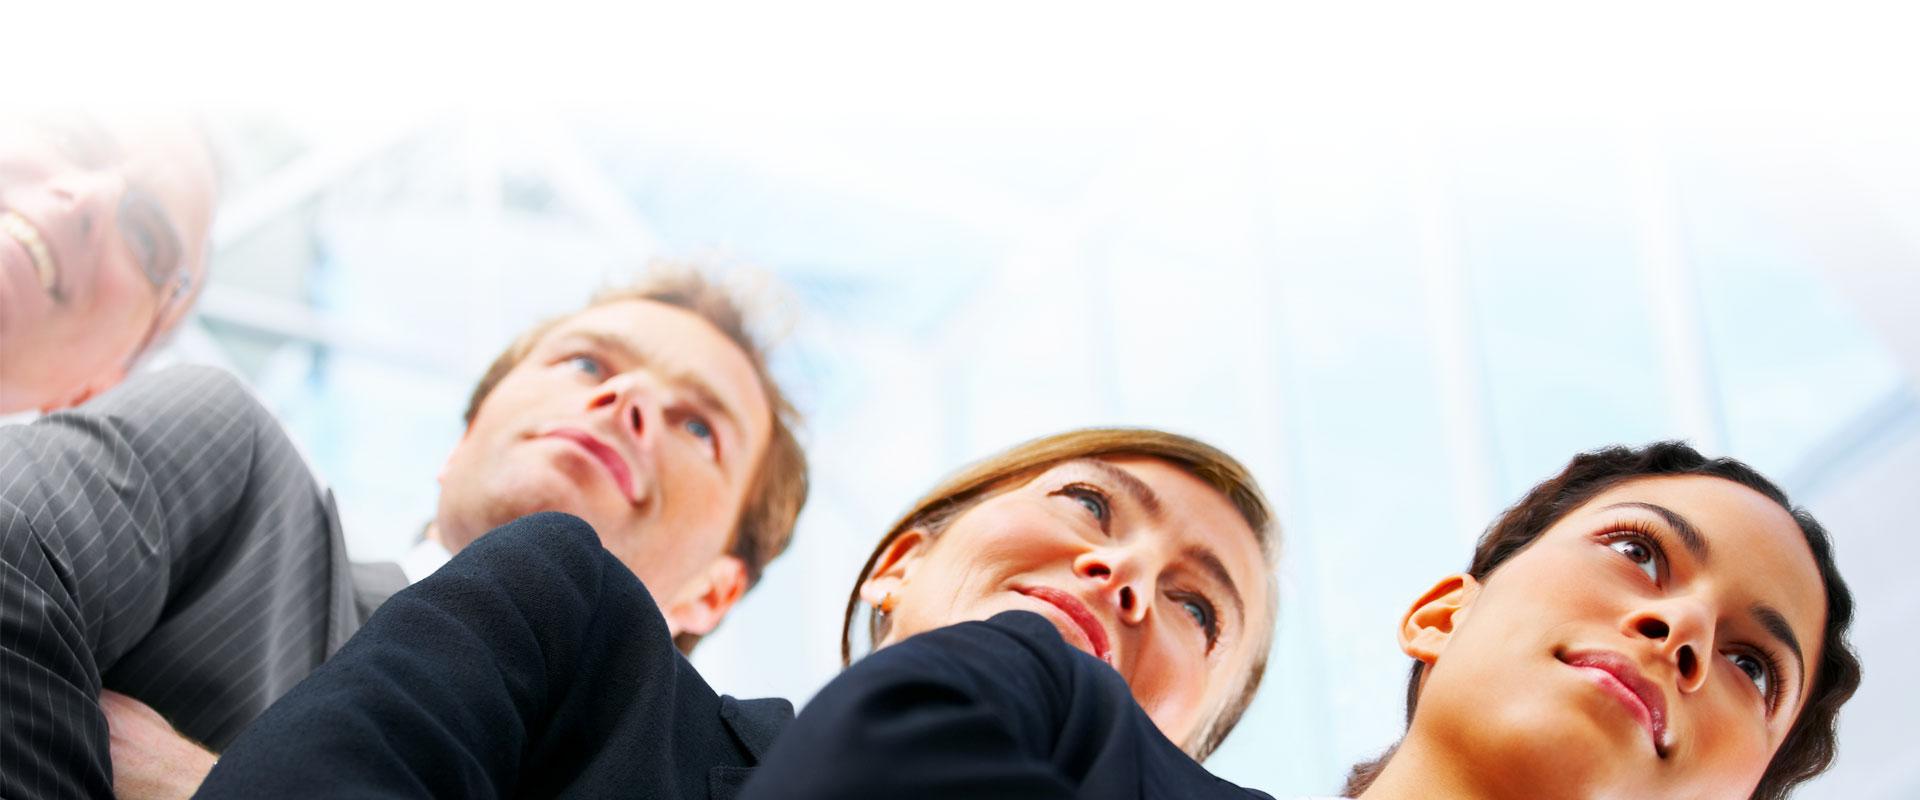 Alitravel imprezy, eventy, wyjazdy dla firm, wyjazdy integracyjne